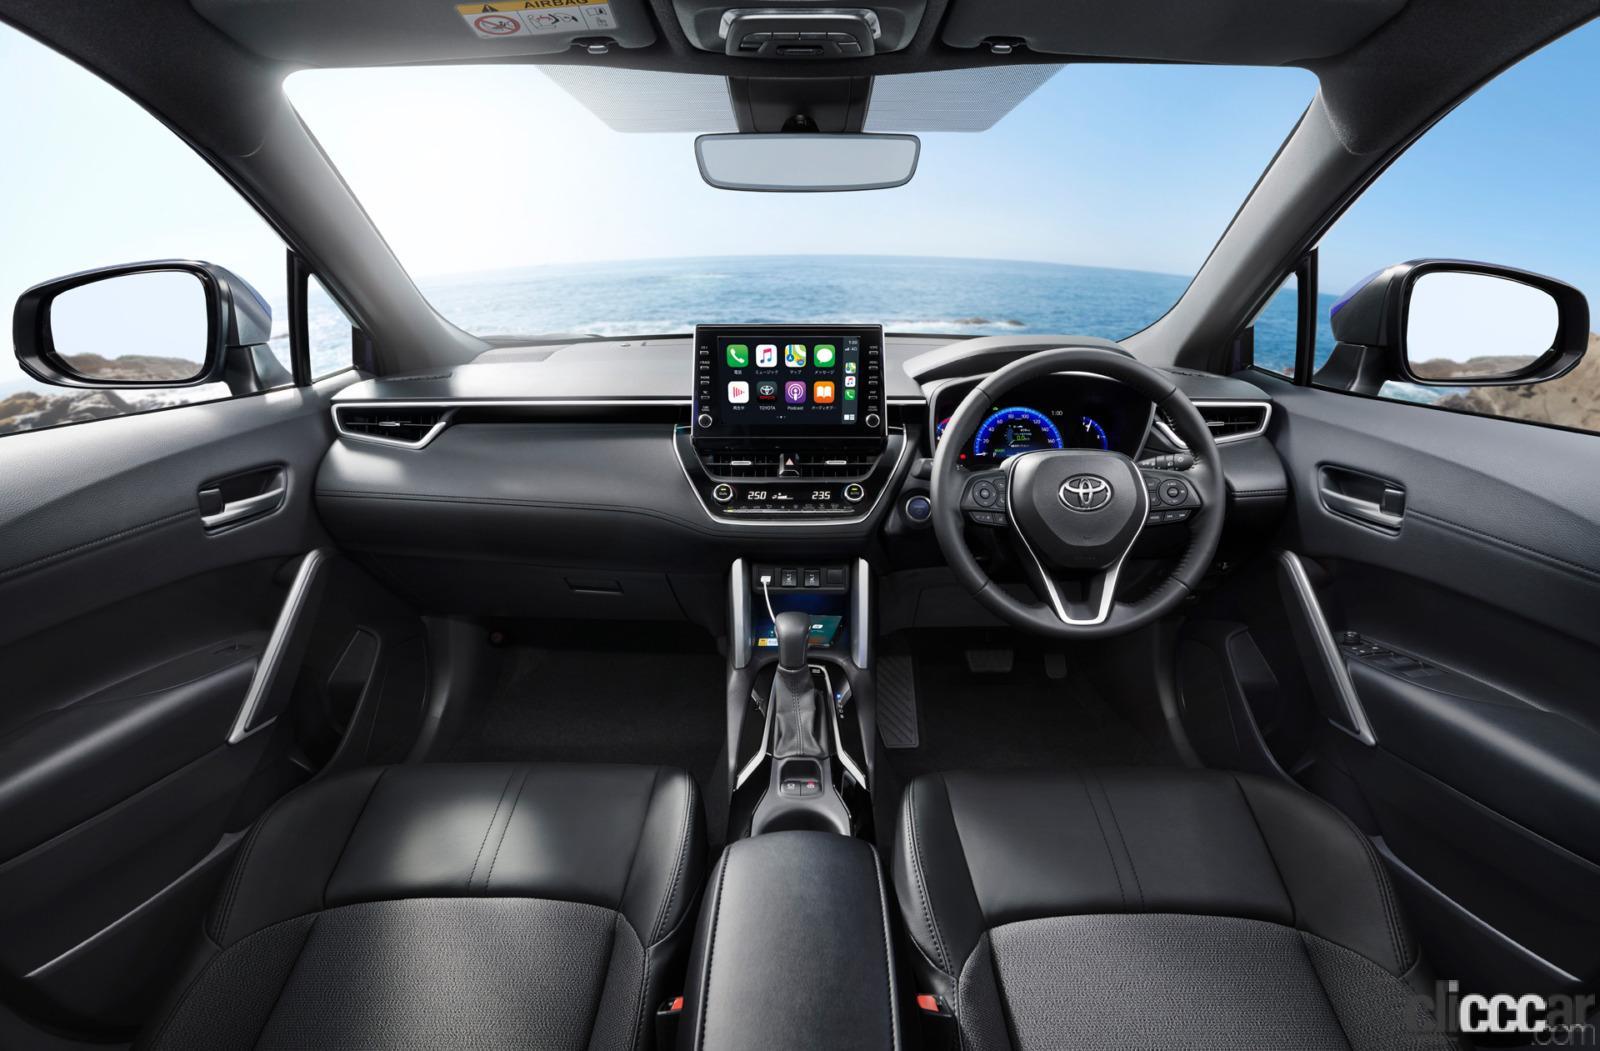 「トヨタ新型カローラ クロス発売。ボディサイズやラゲッジスペースはC-HRとどう違う?」の4枚目の画像